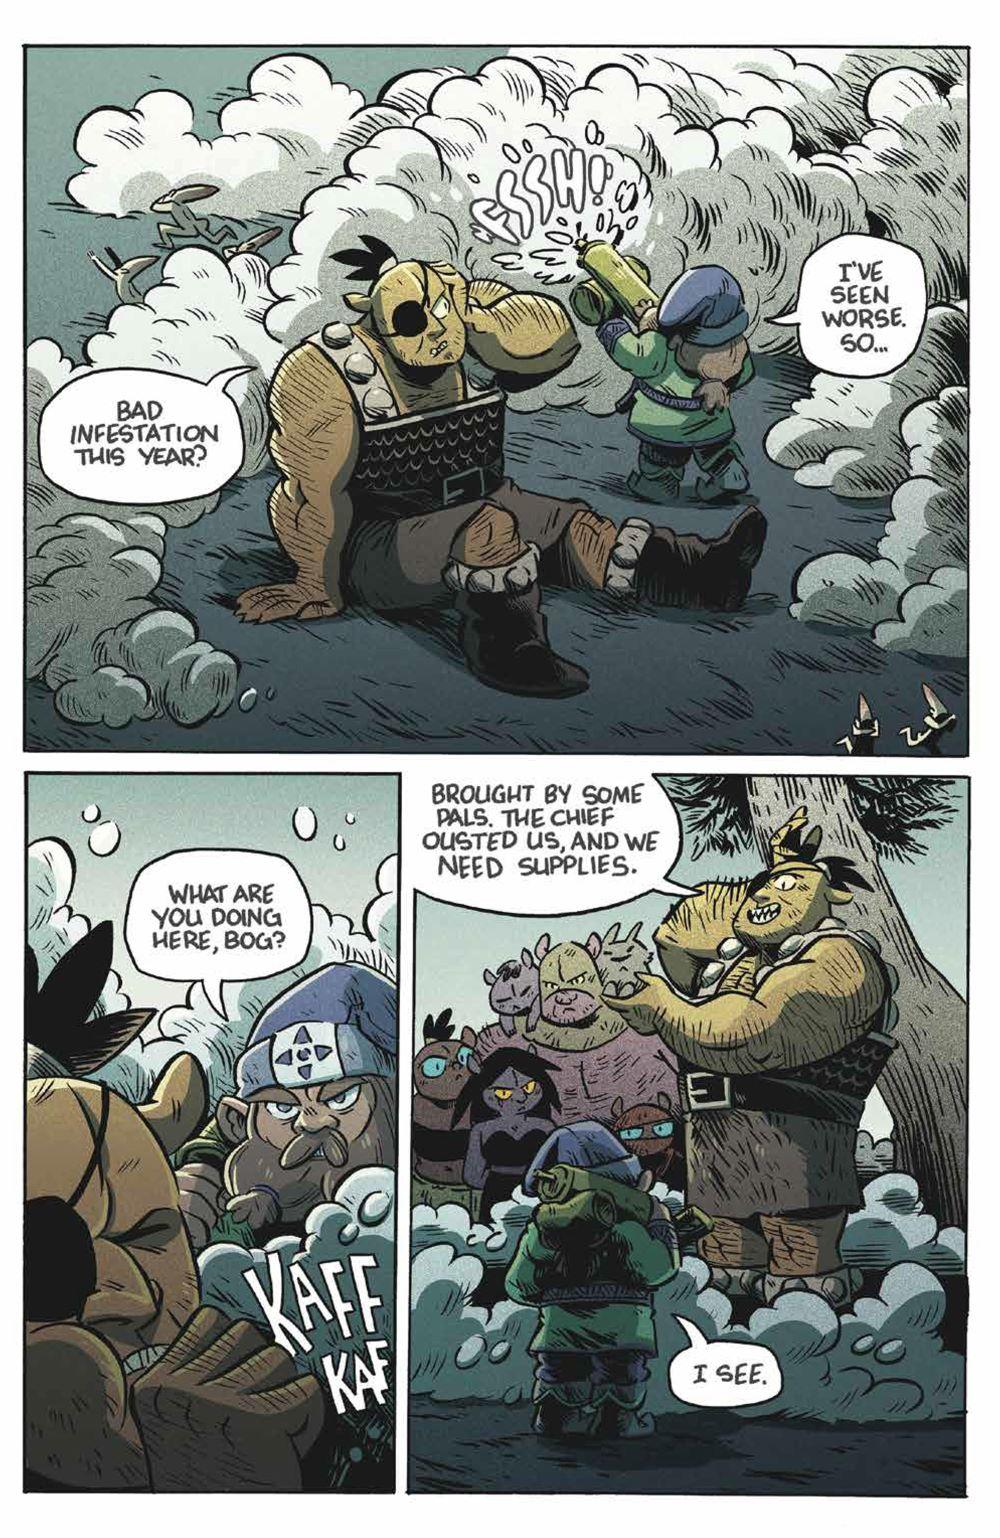 Orcs_004_PRESS_4 ComicList Previews: ORCS! #4 (OF 6)